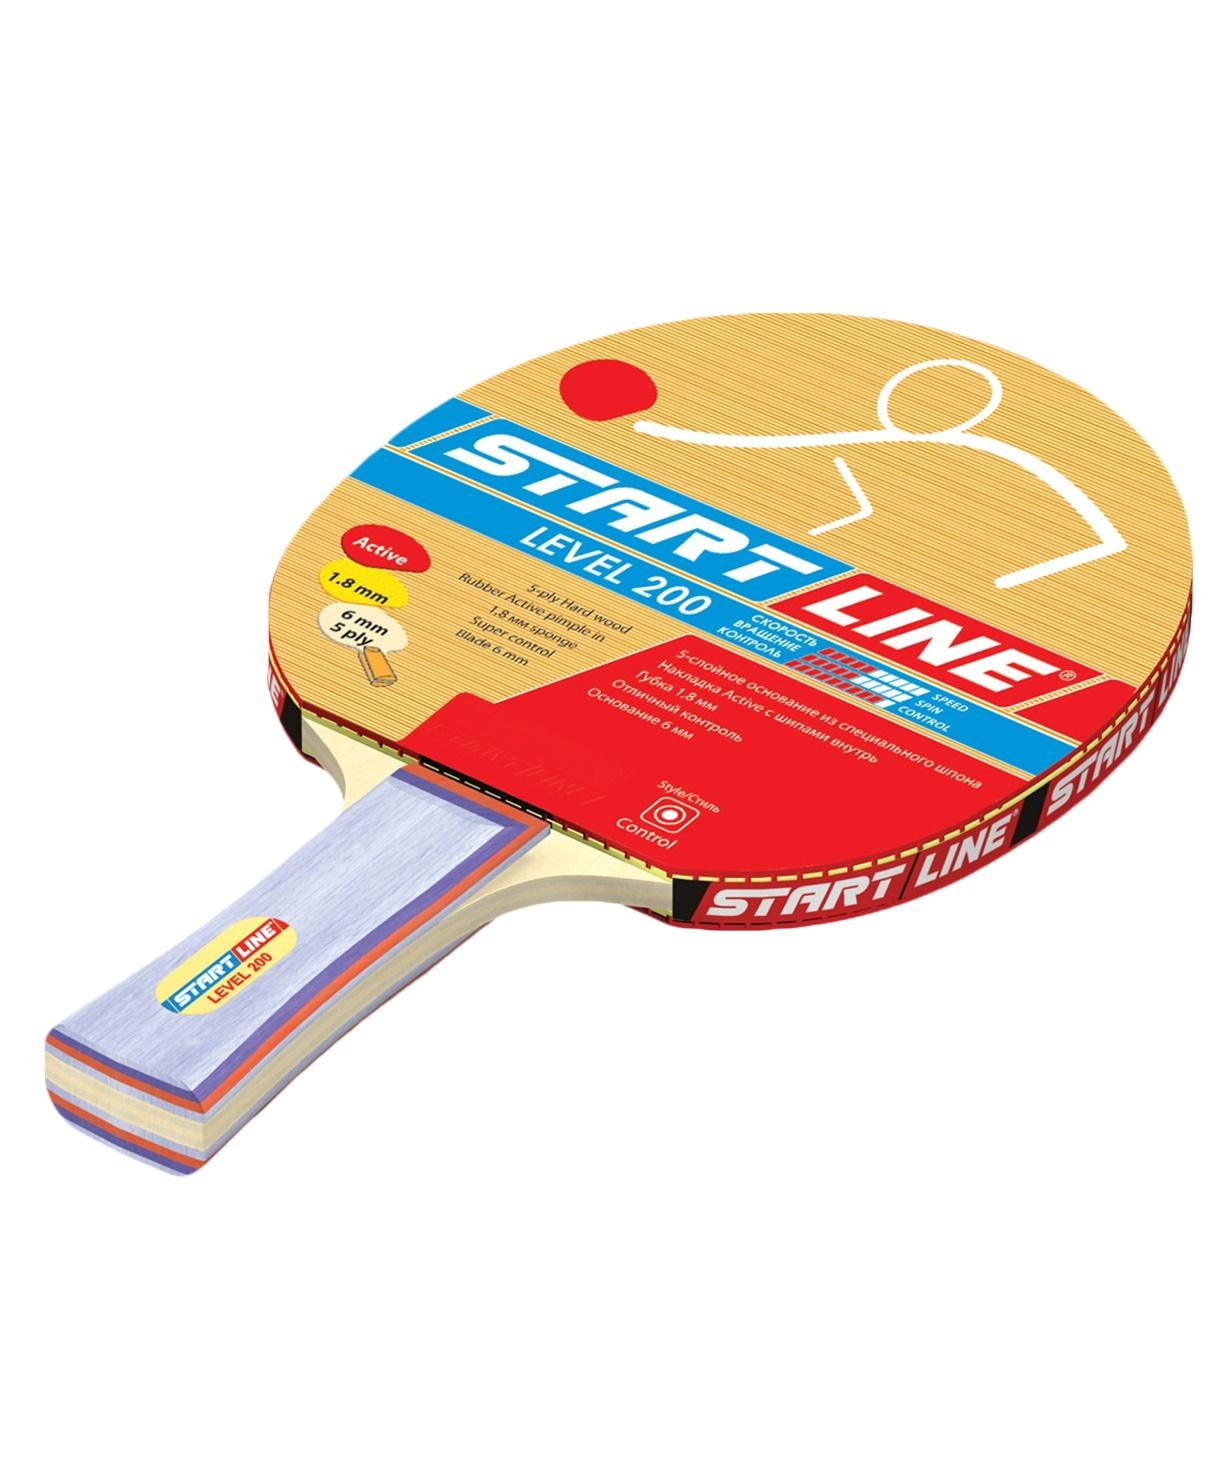 Ракетка для настольного тенниса Start Line 12306 Level 200, черно-красная